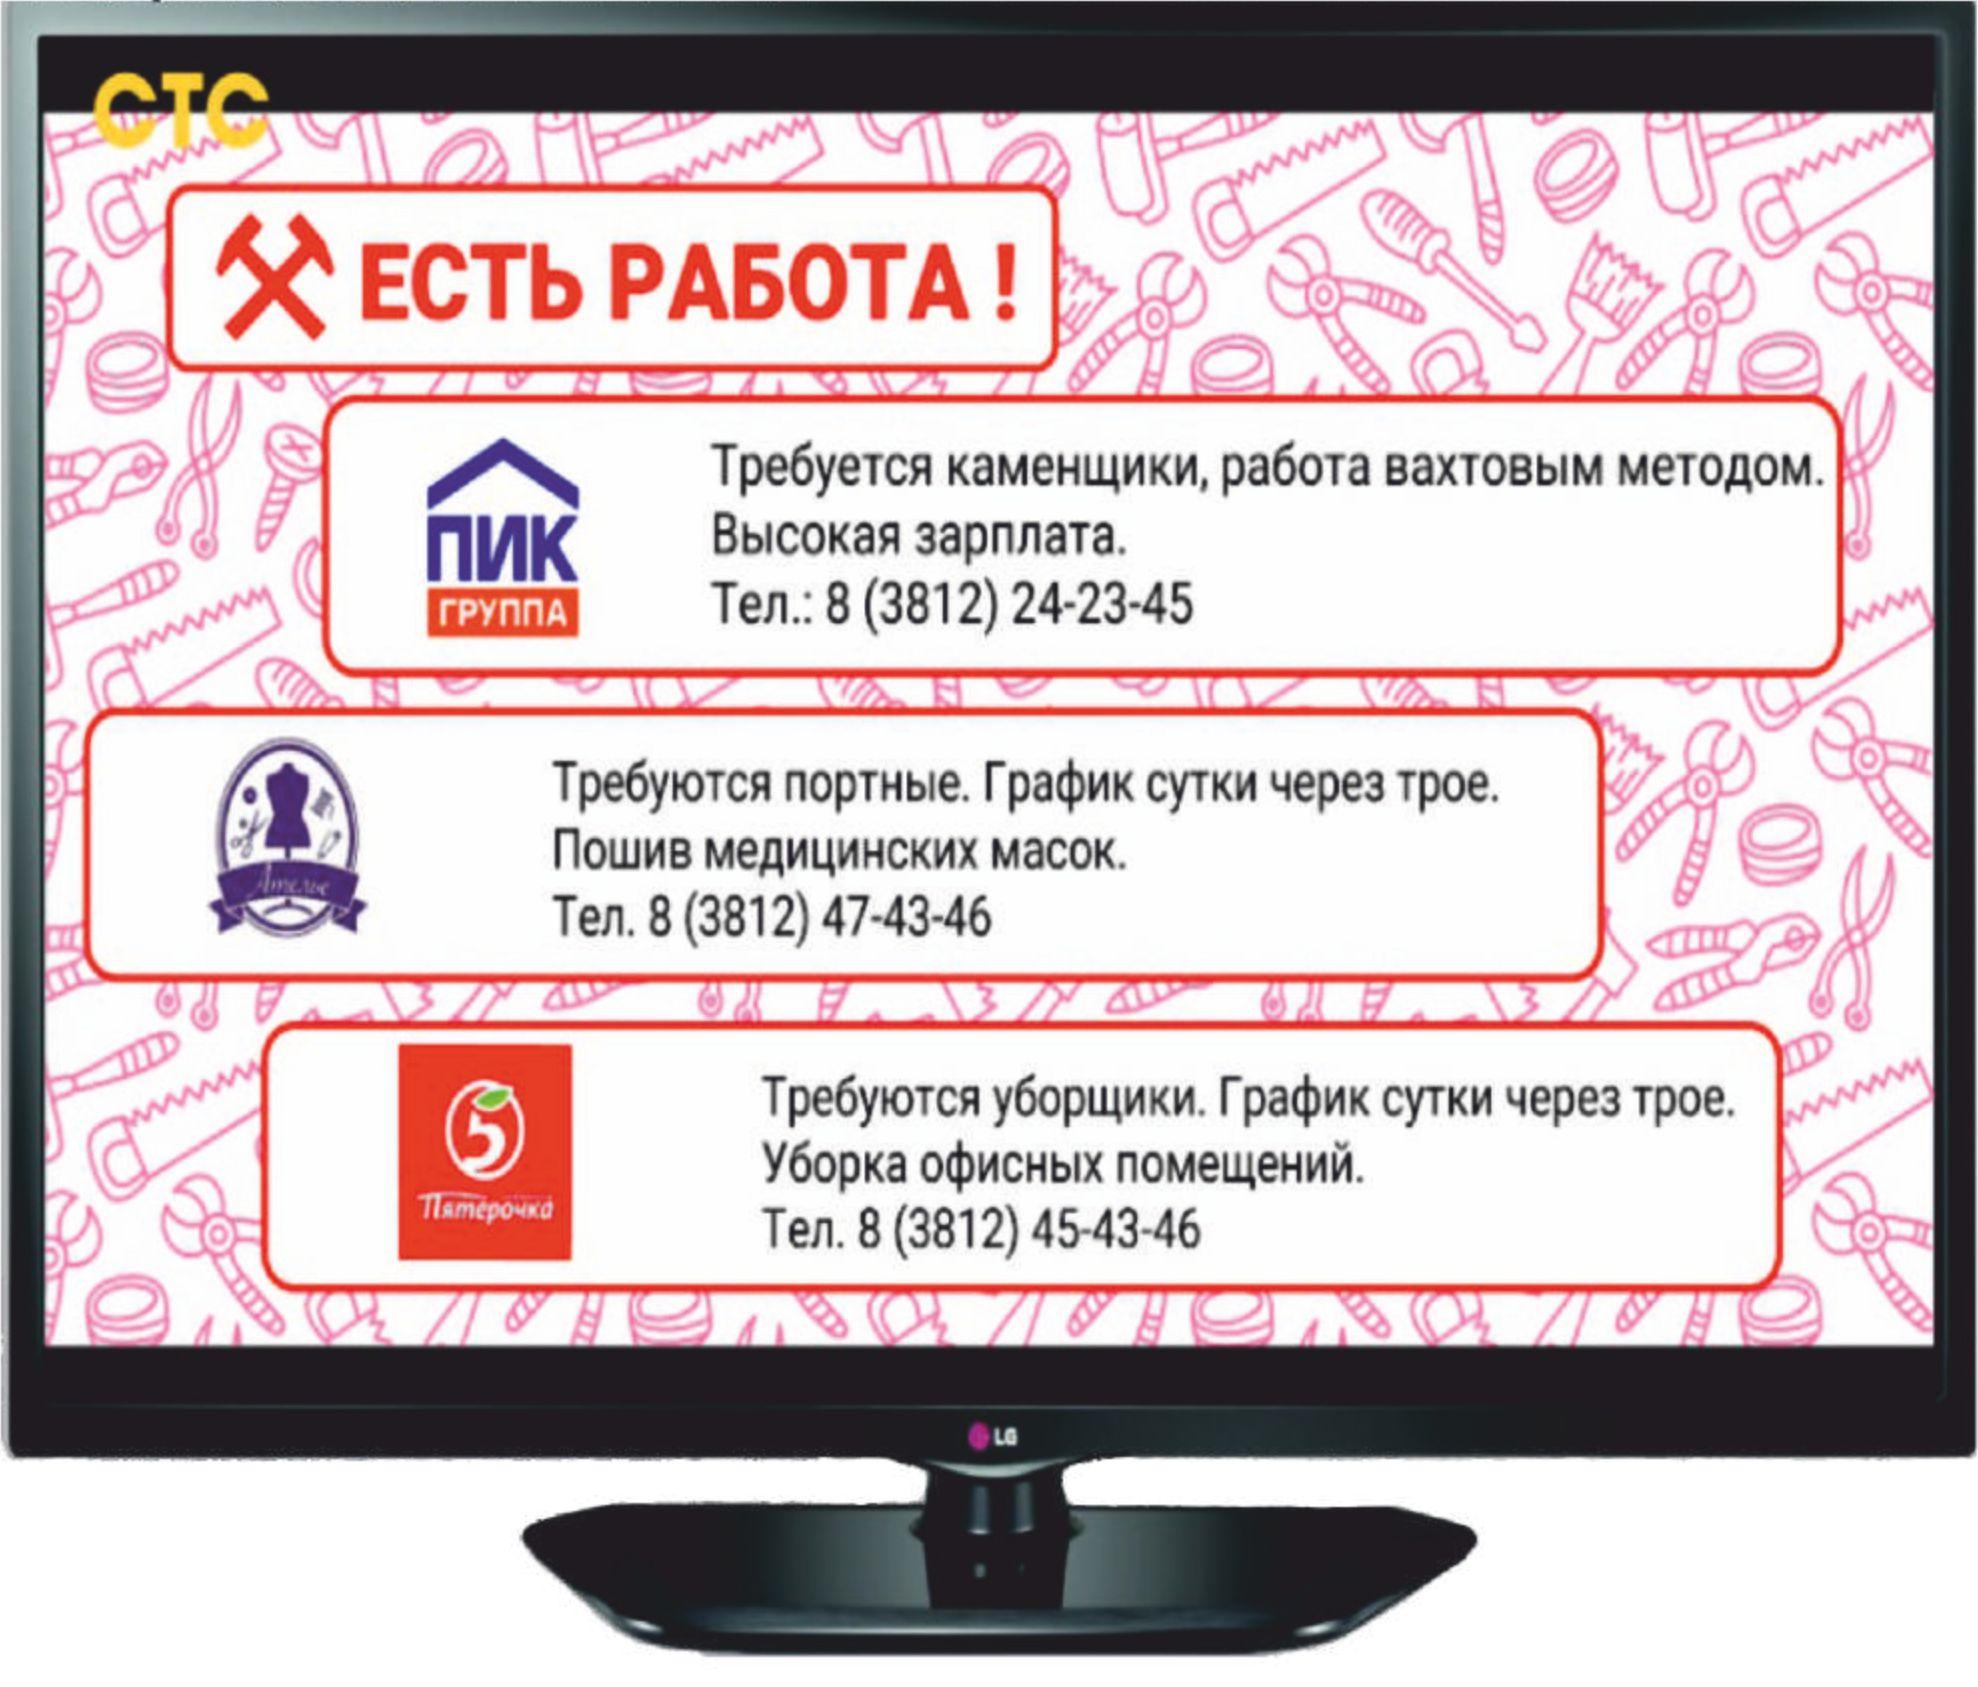 размещение вакансий на тв каналах новосибирск